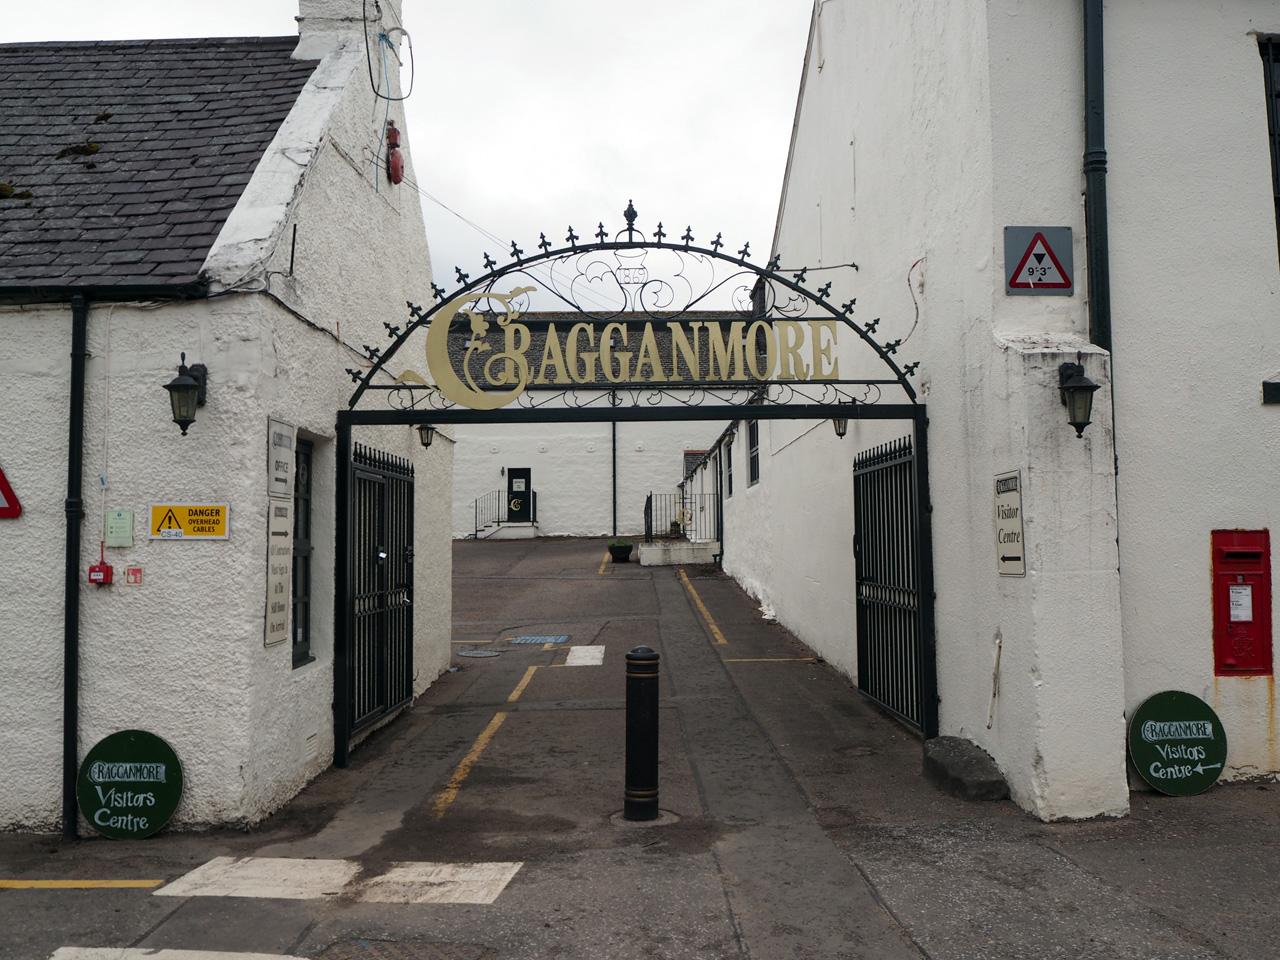 hoofdingang van de Cragganmore distilleerderij